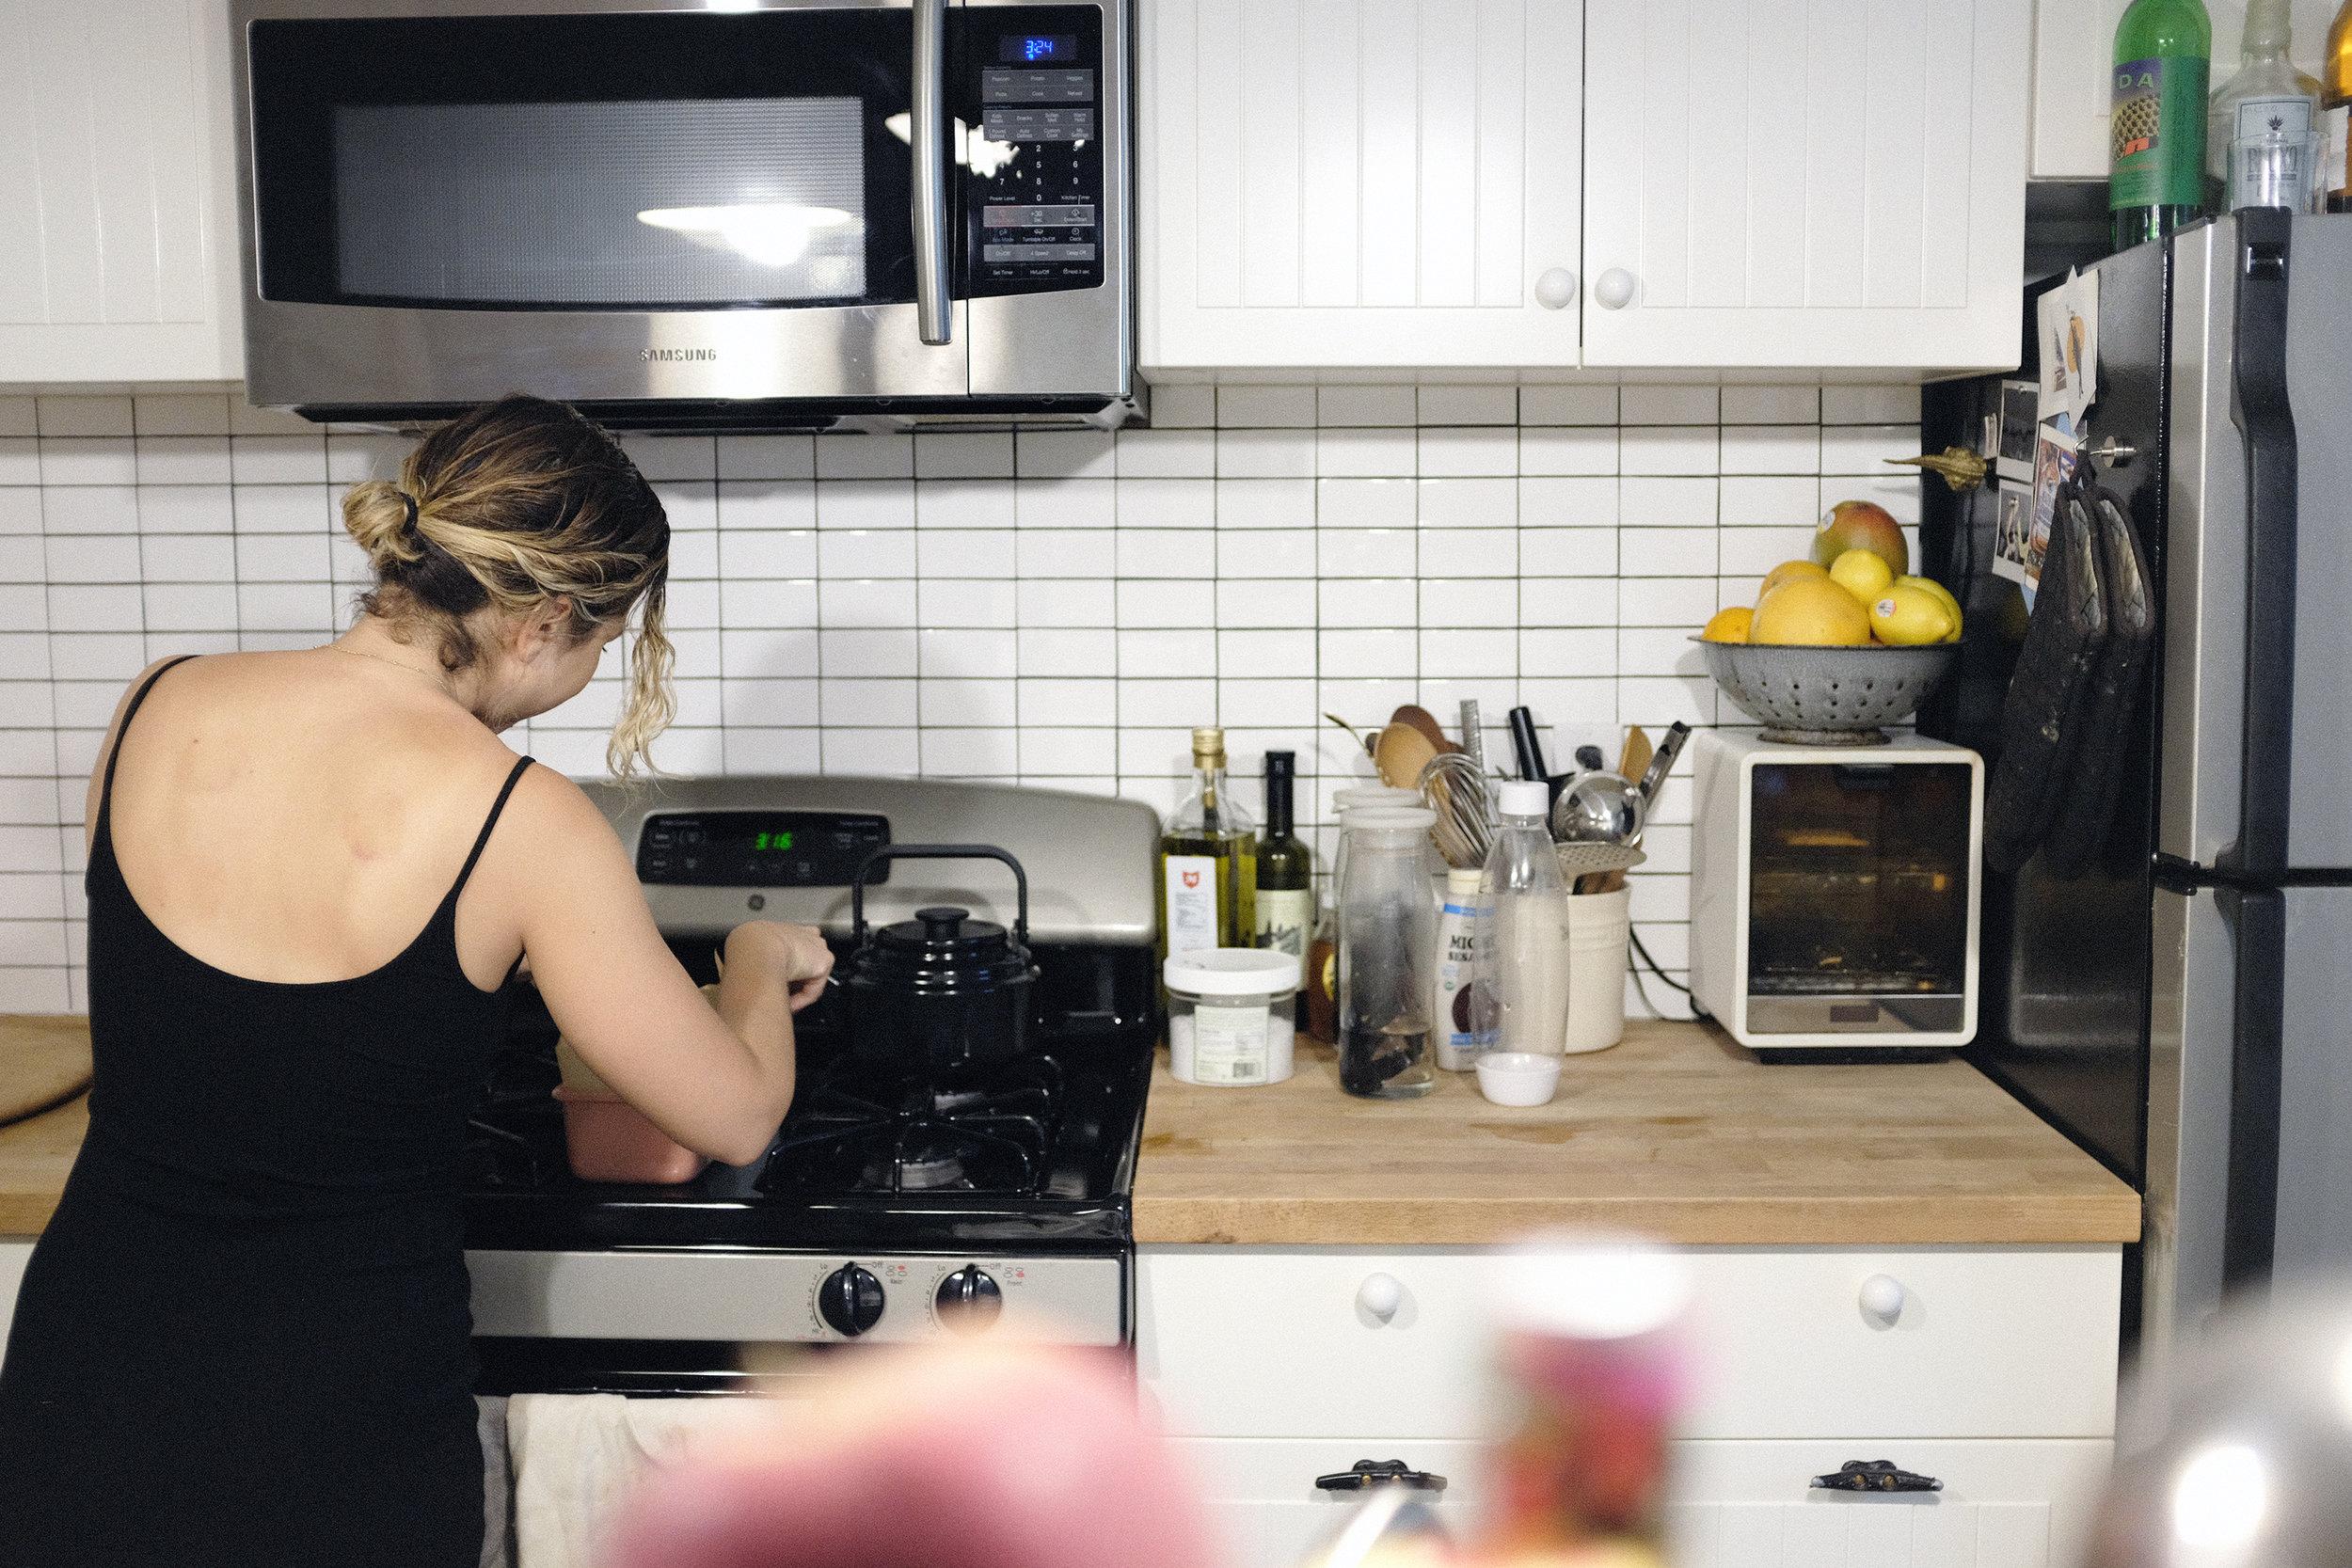 Mariela working in her kitchen